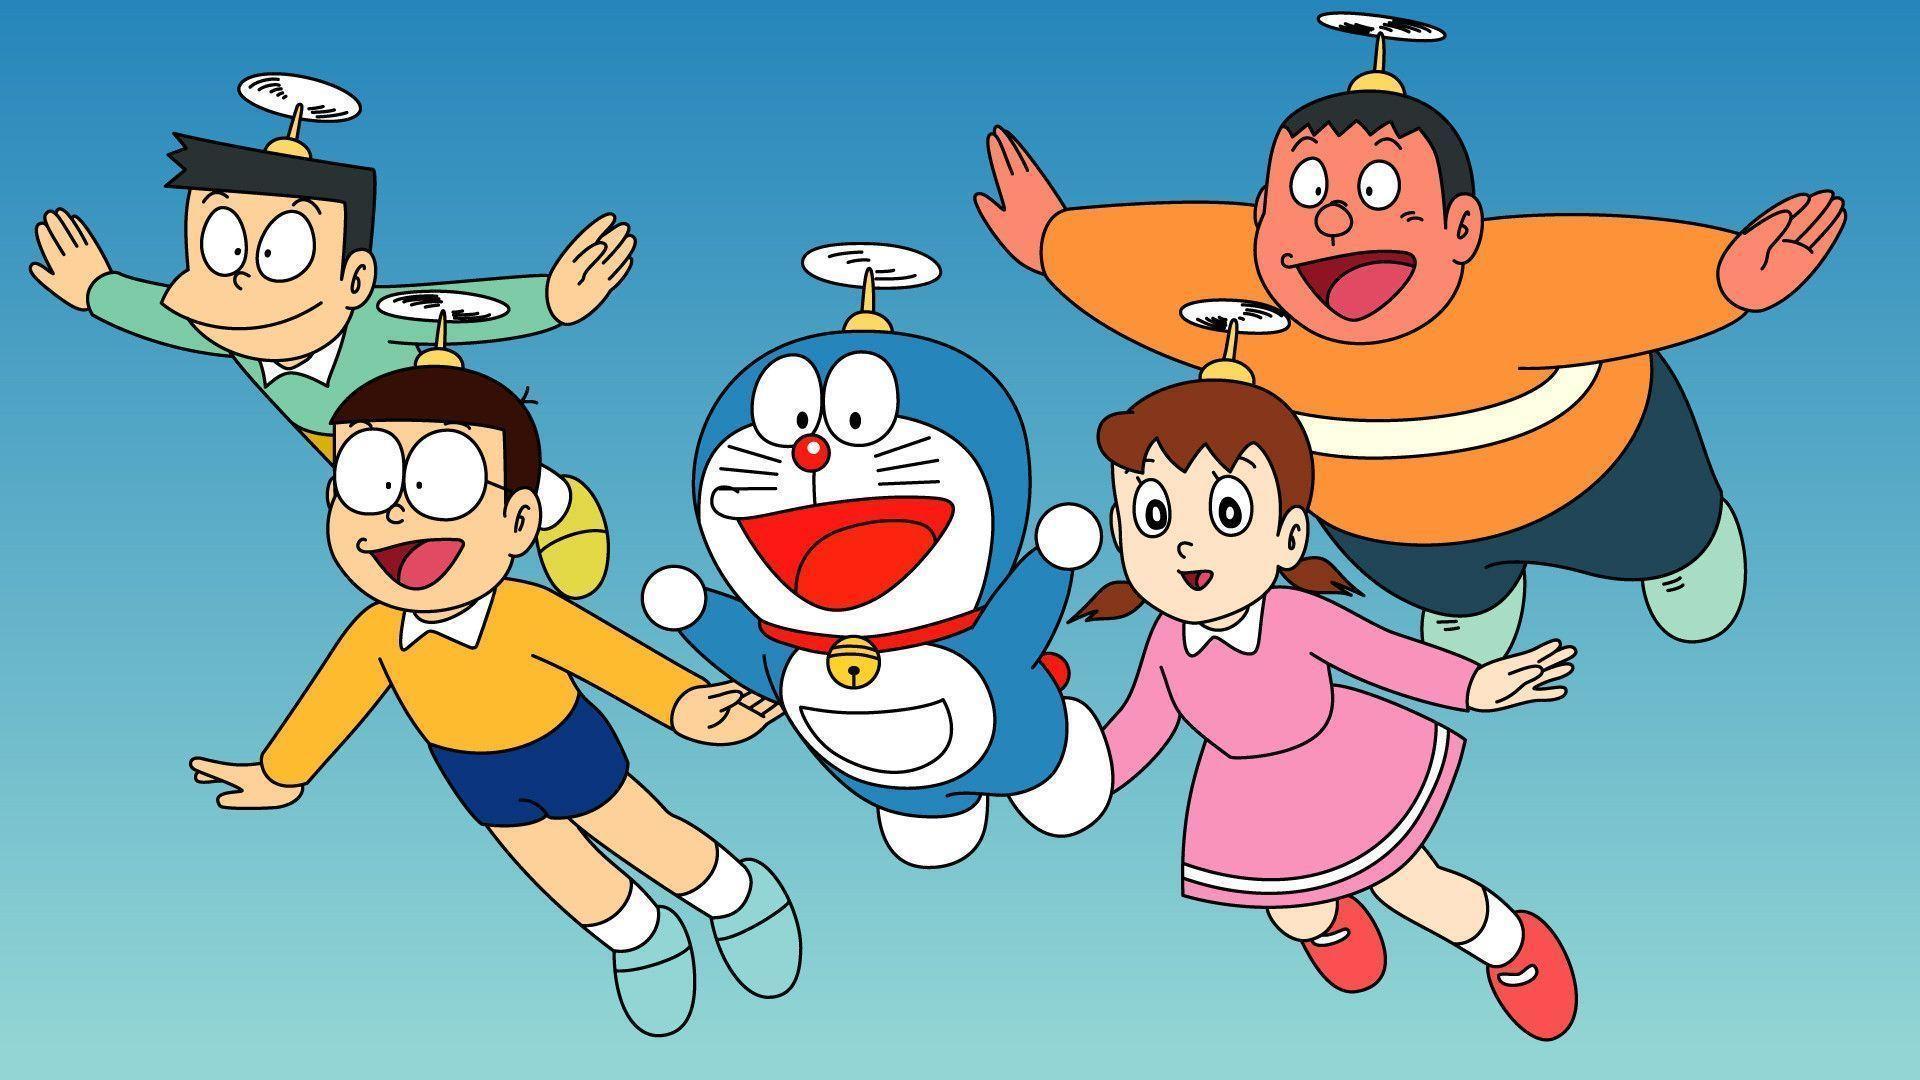 Doraemon And Friends Wallpaper | Wallpaper HD | Best Wallpaper ...